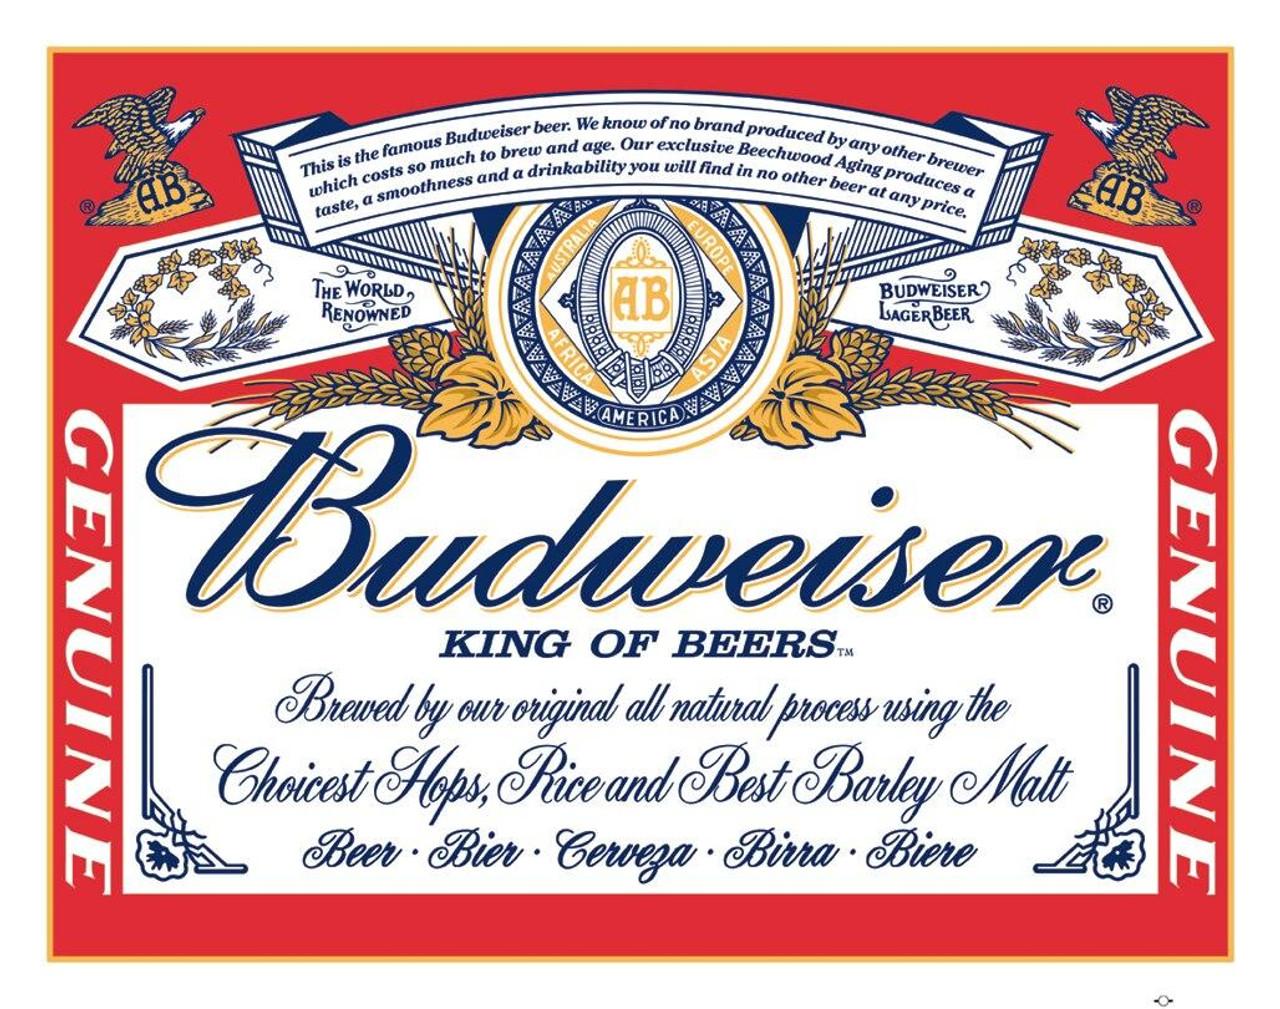 Anheuser-Busch Budweiser - Label